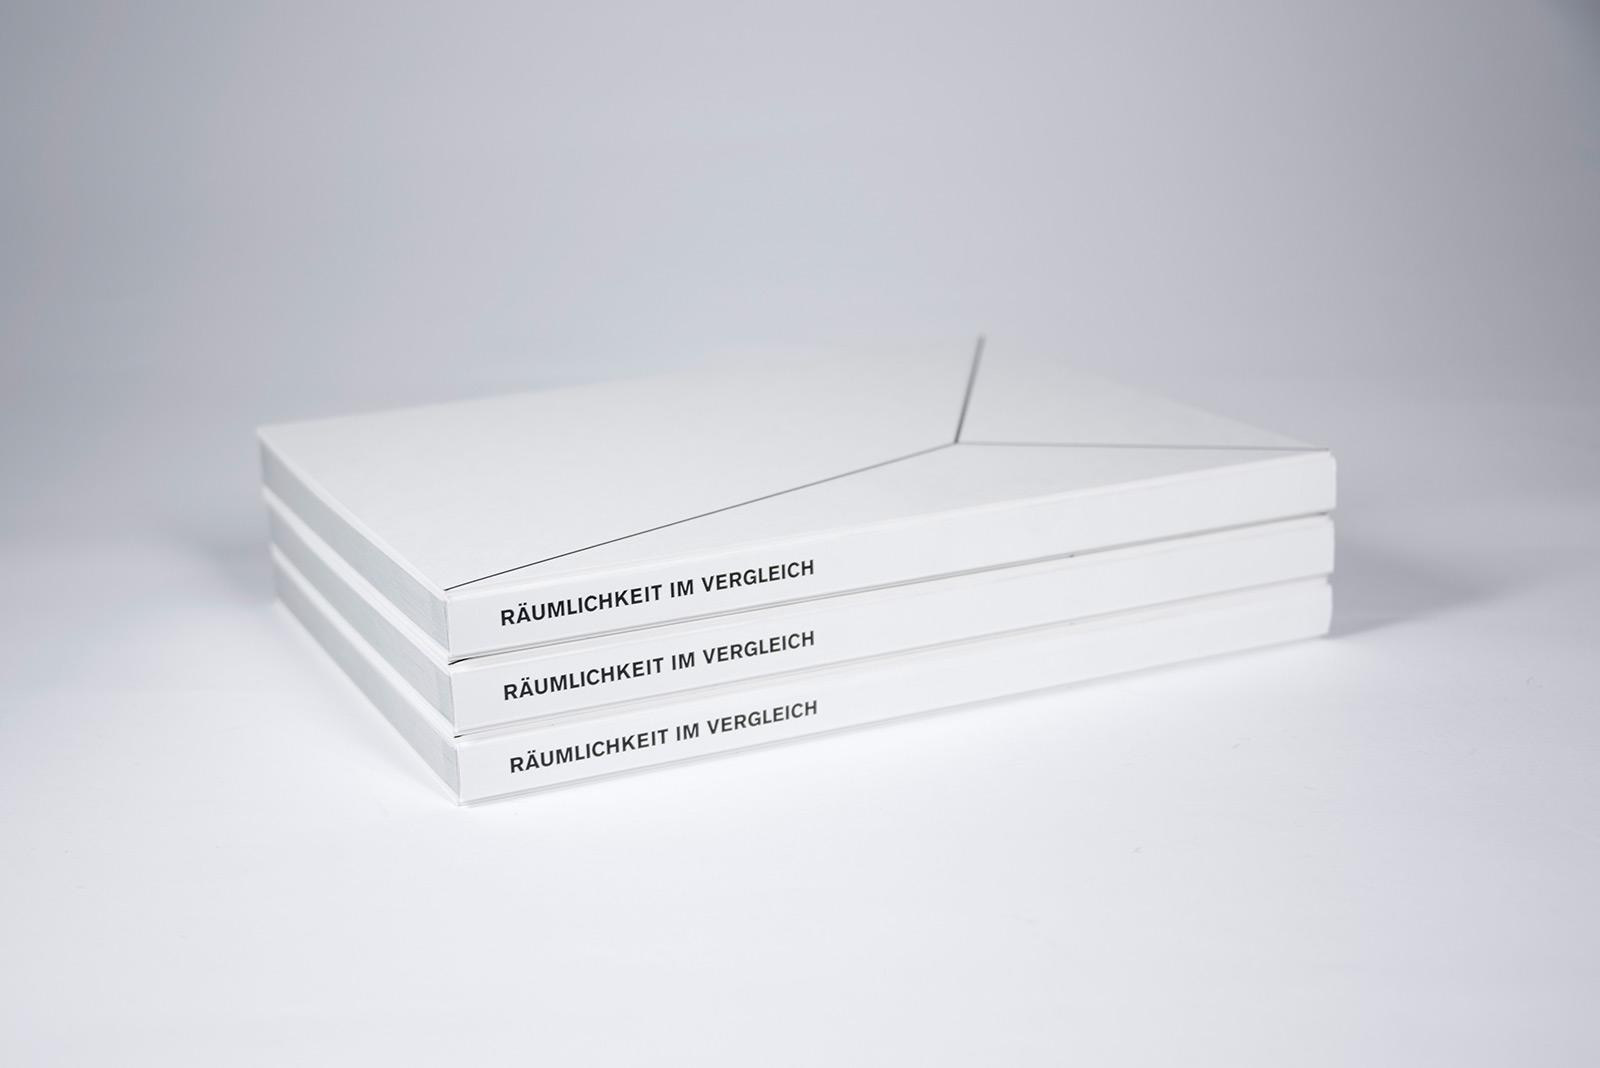 Raphael Vollenweider – Räumlichkeit im Vergleich